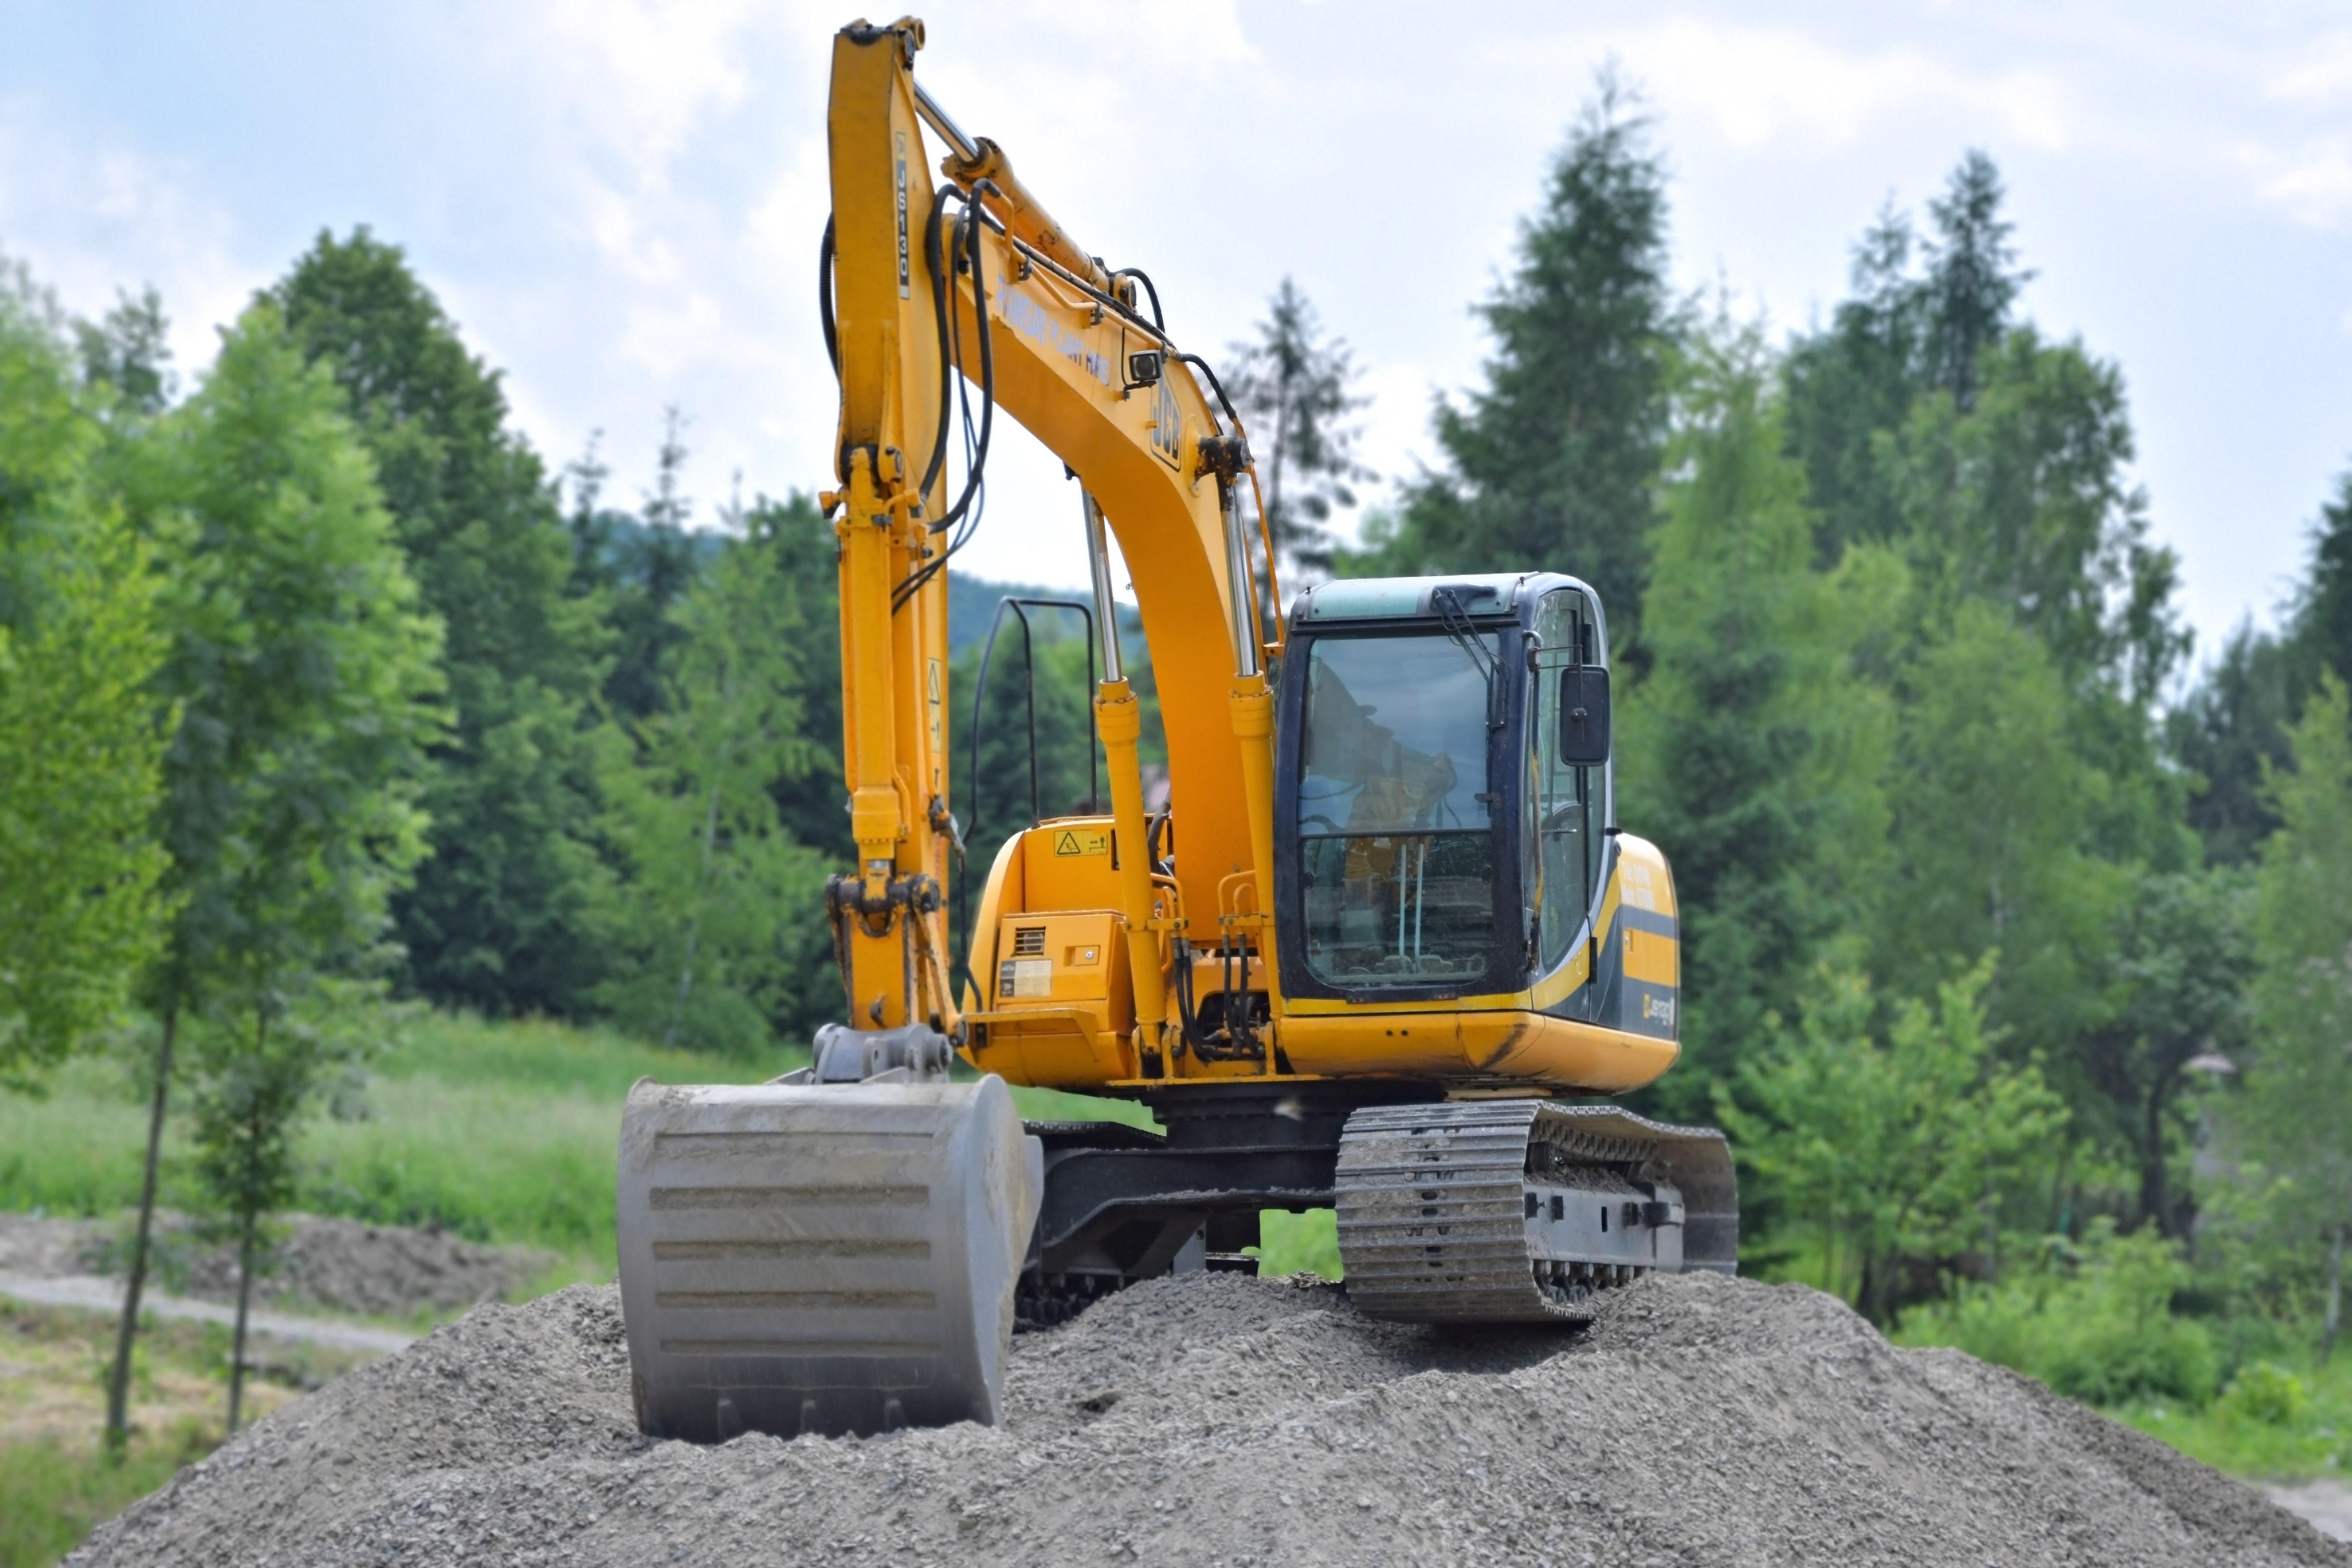 Yellow Excavator, Trees, Gravel, Excavator, Construction, HQ Photo